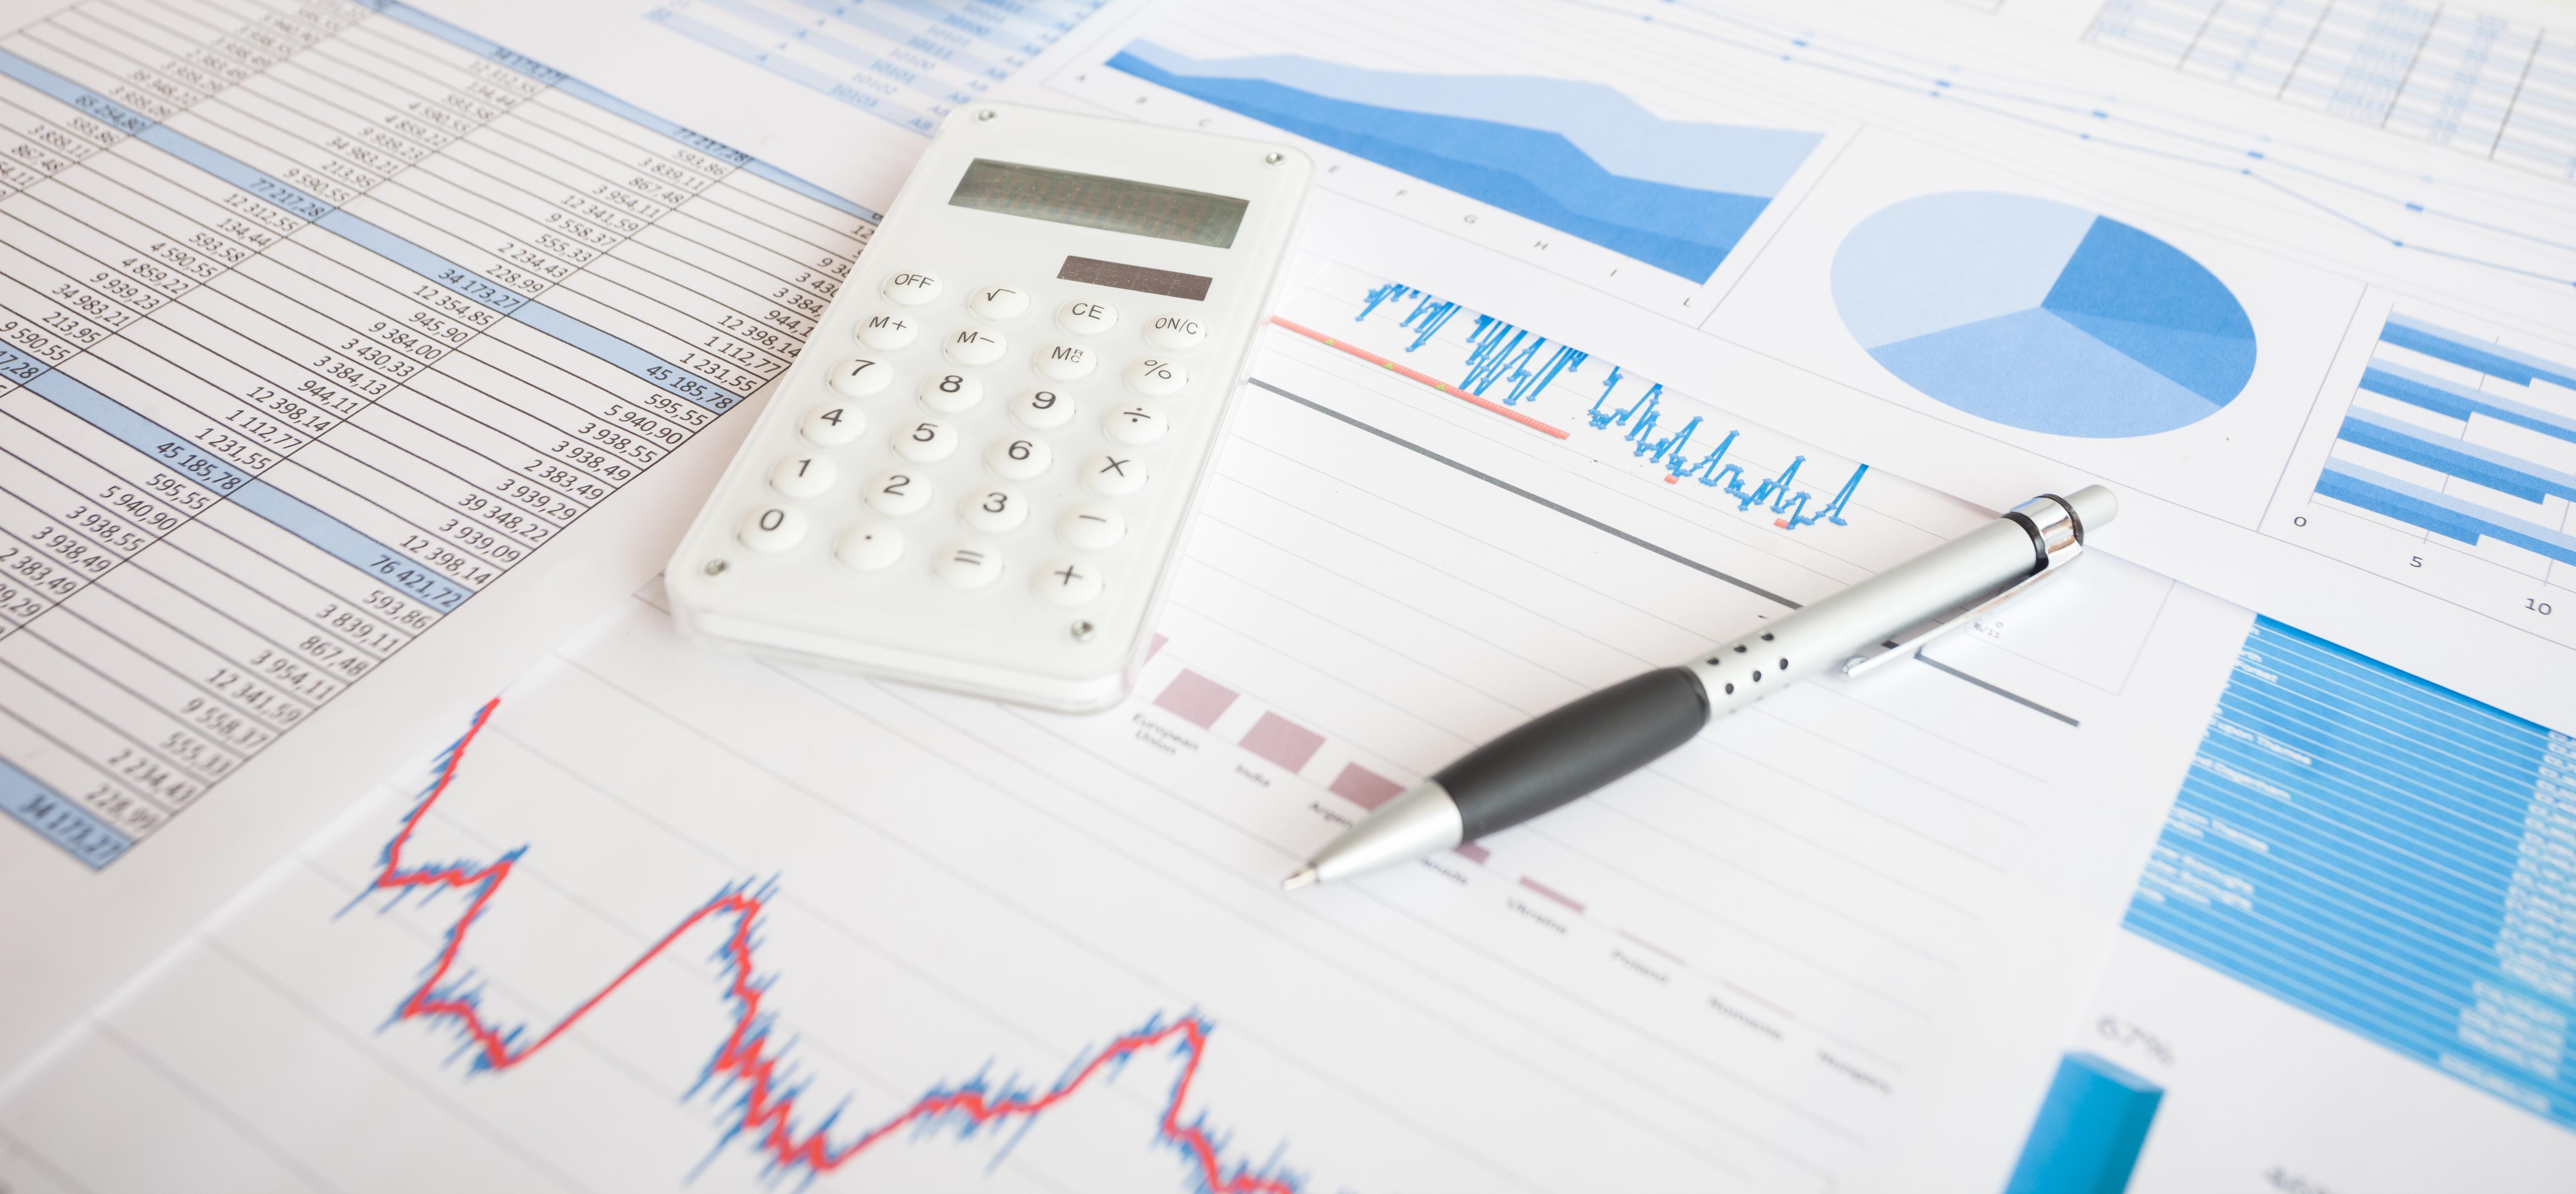 Разрабатывается новый налоговый режим для малого бизнеса.